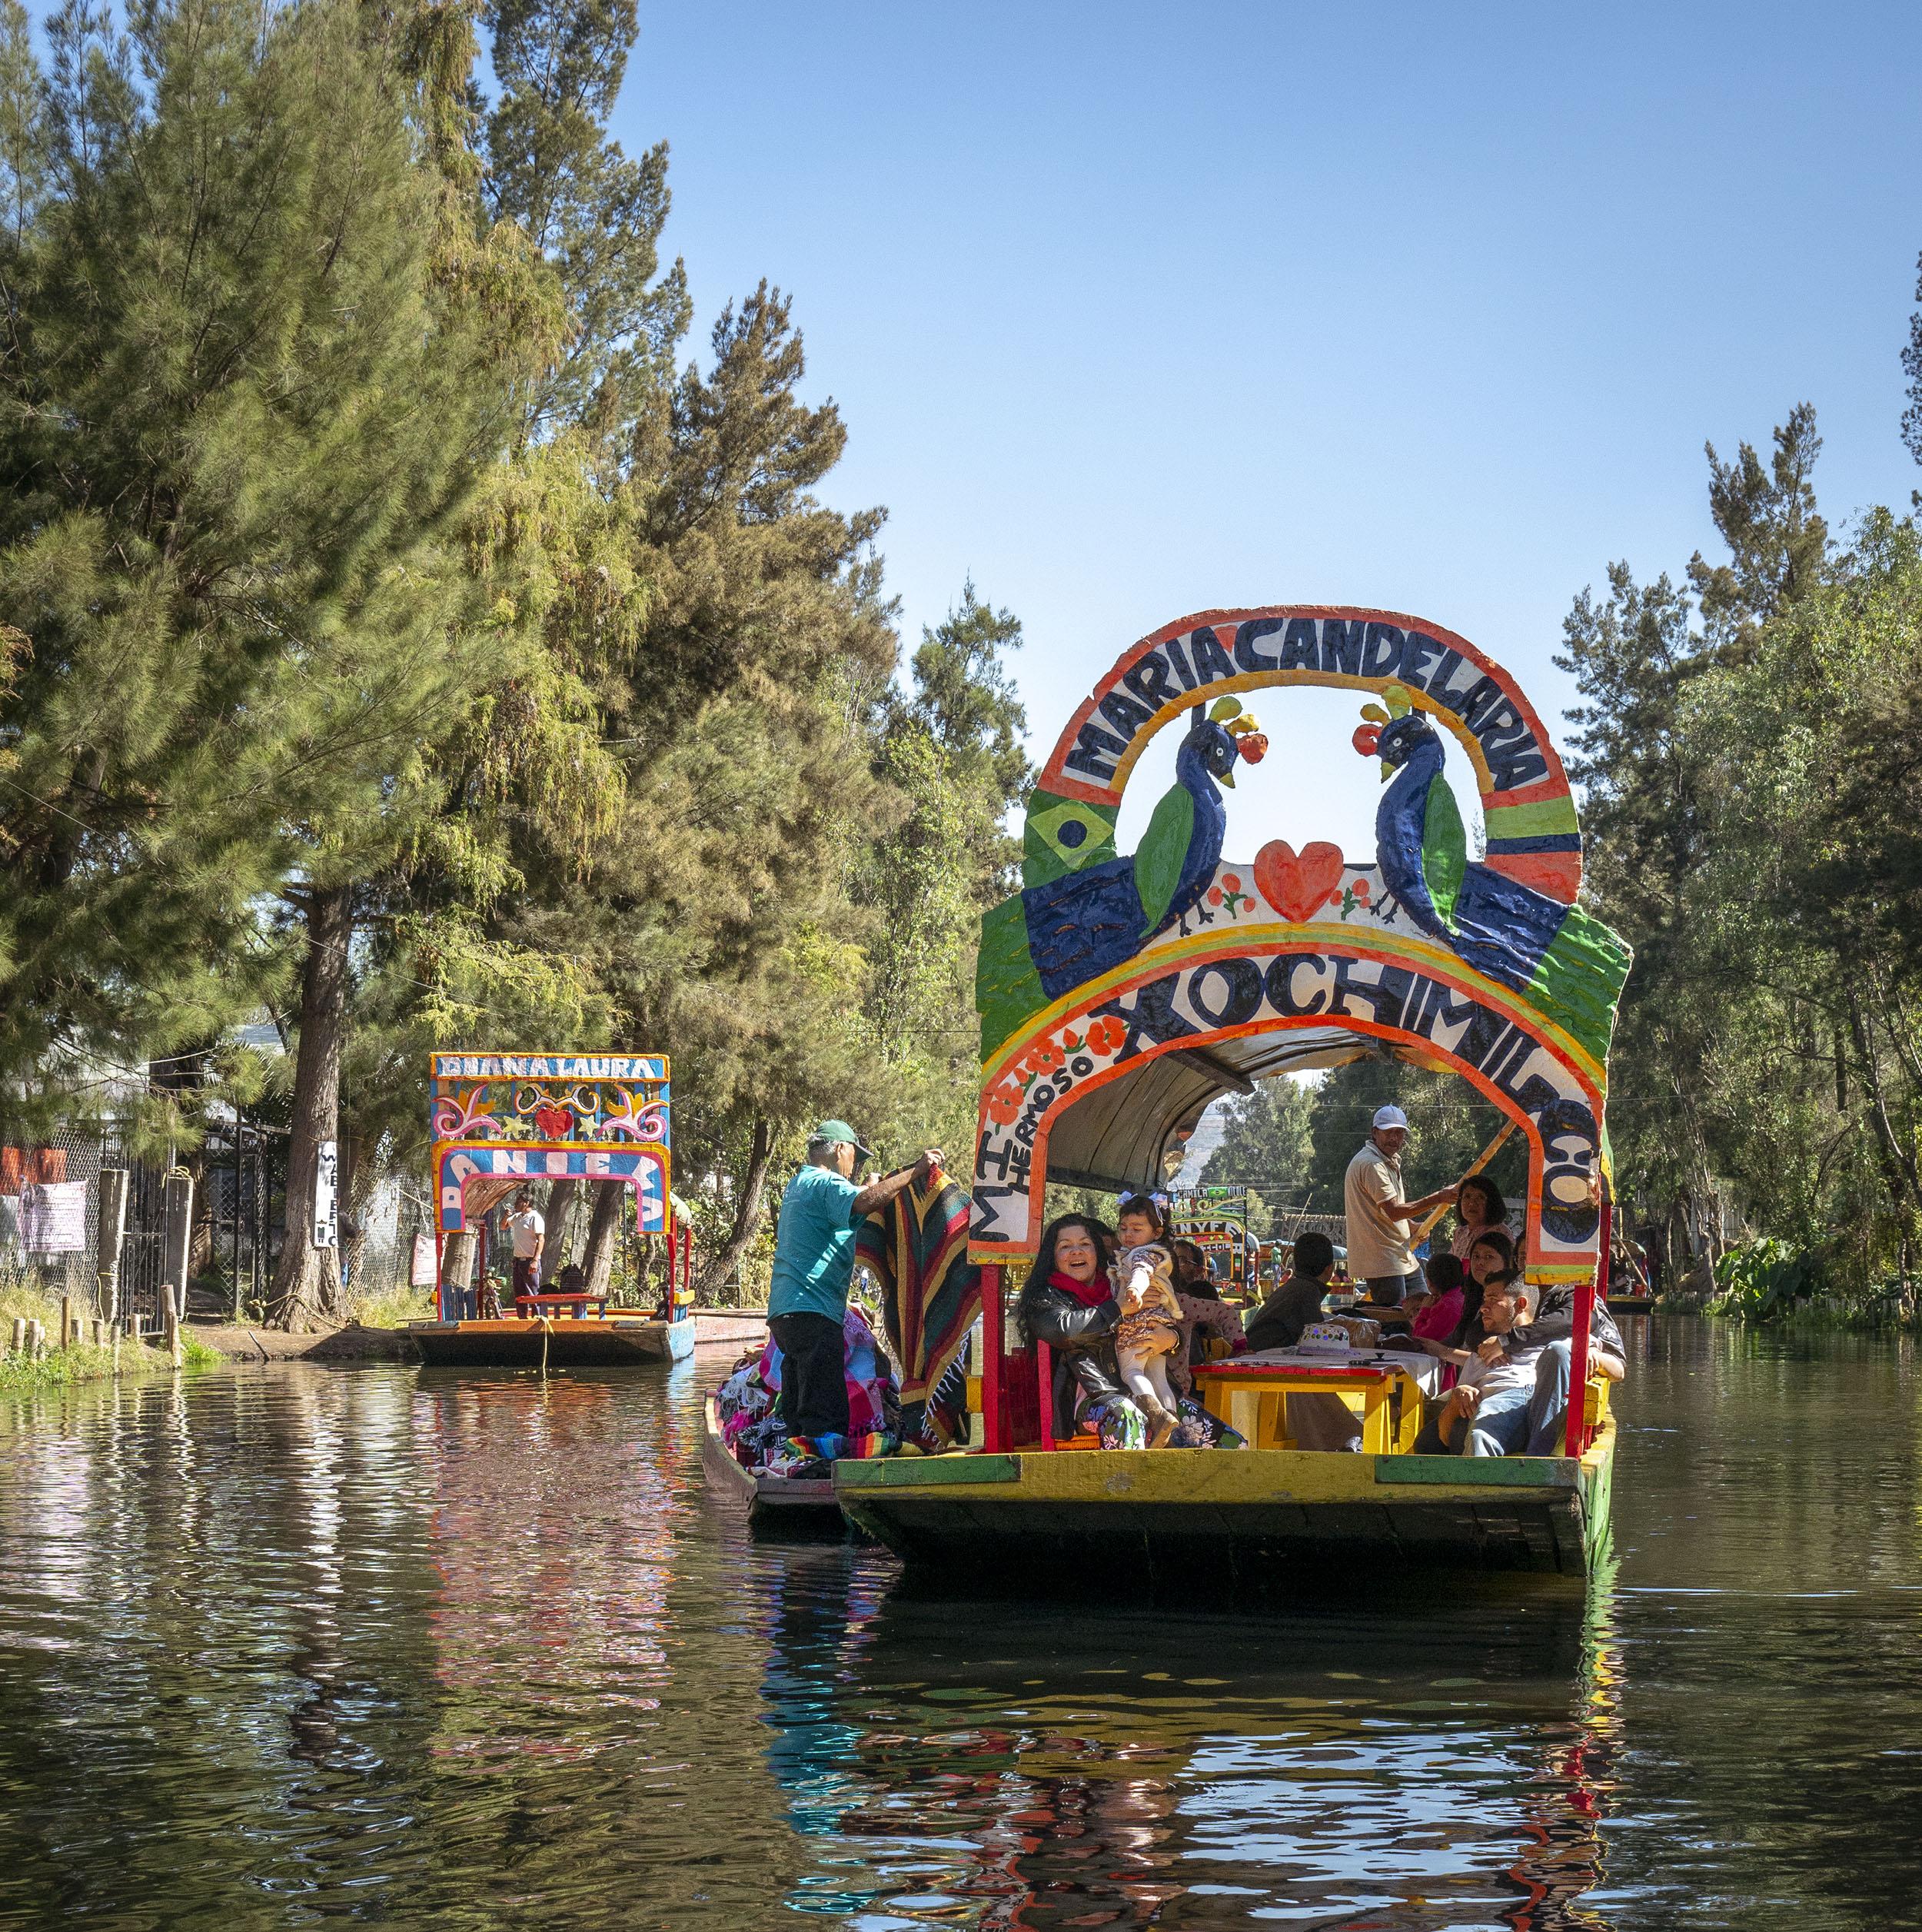 Xochimilco, Mexico Day Trip Guide